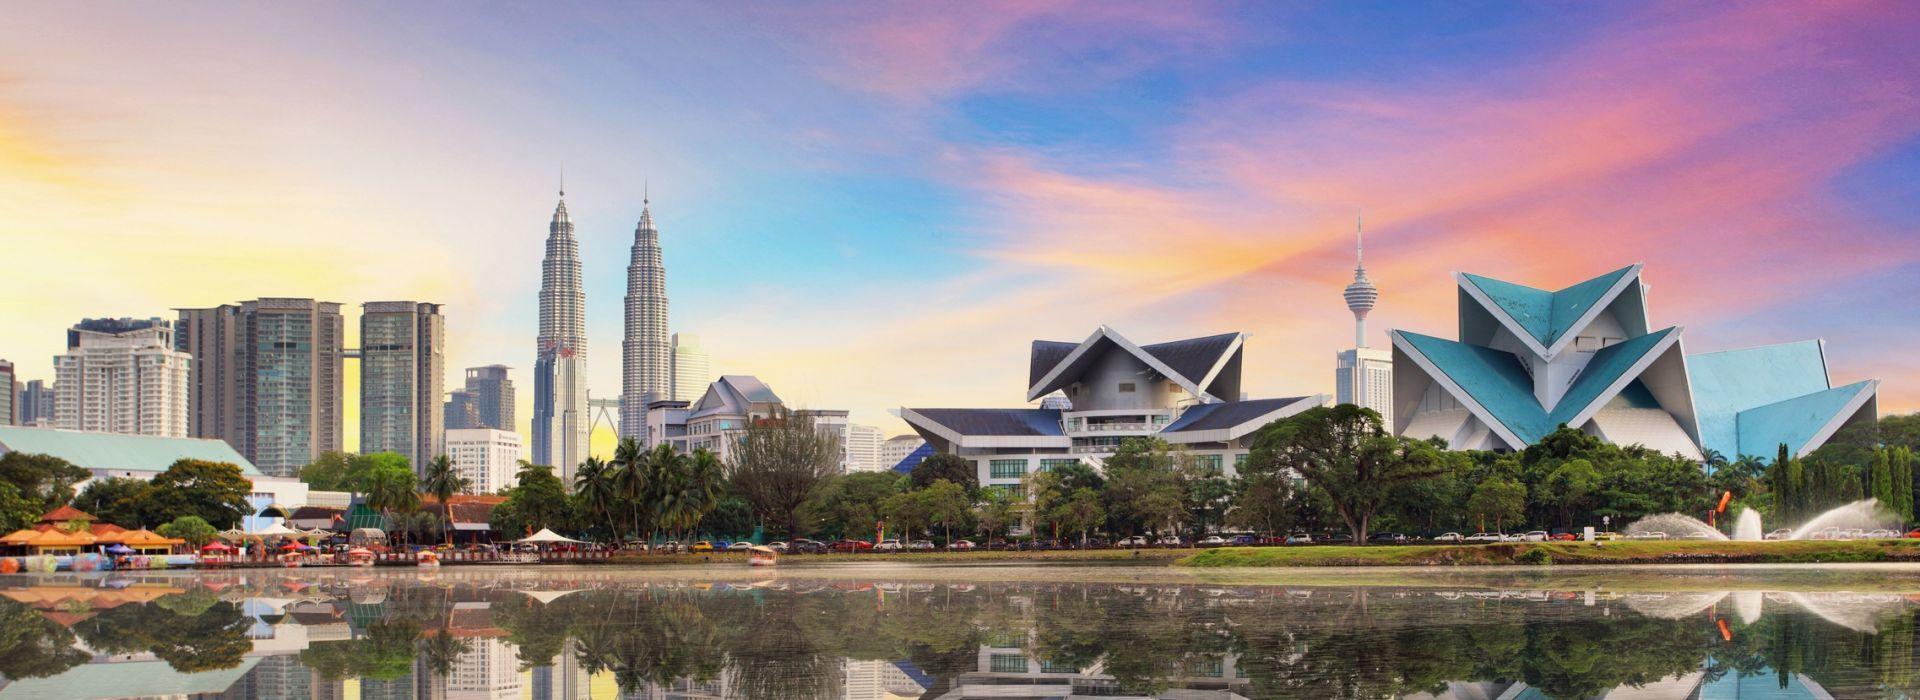 Walking tours in Malaysia